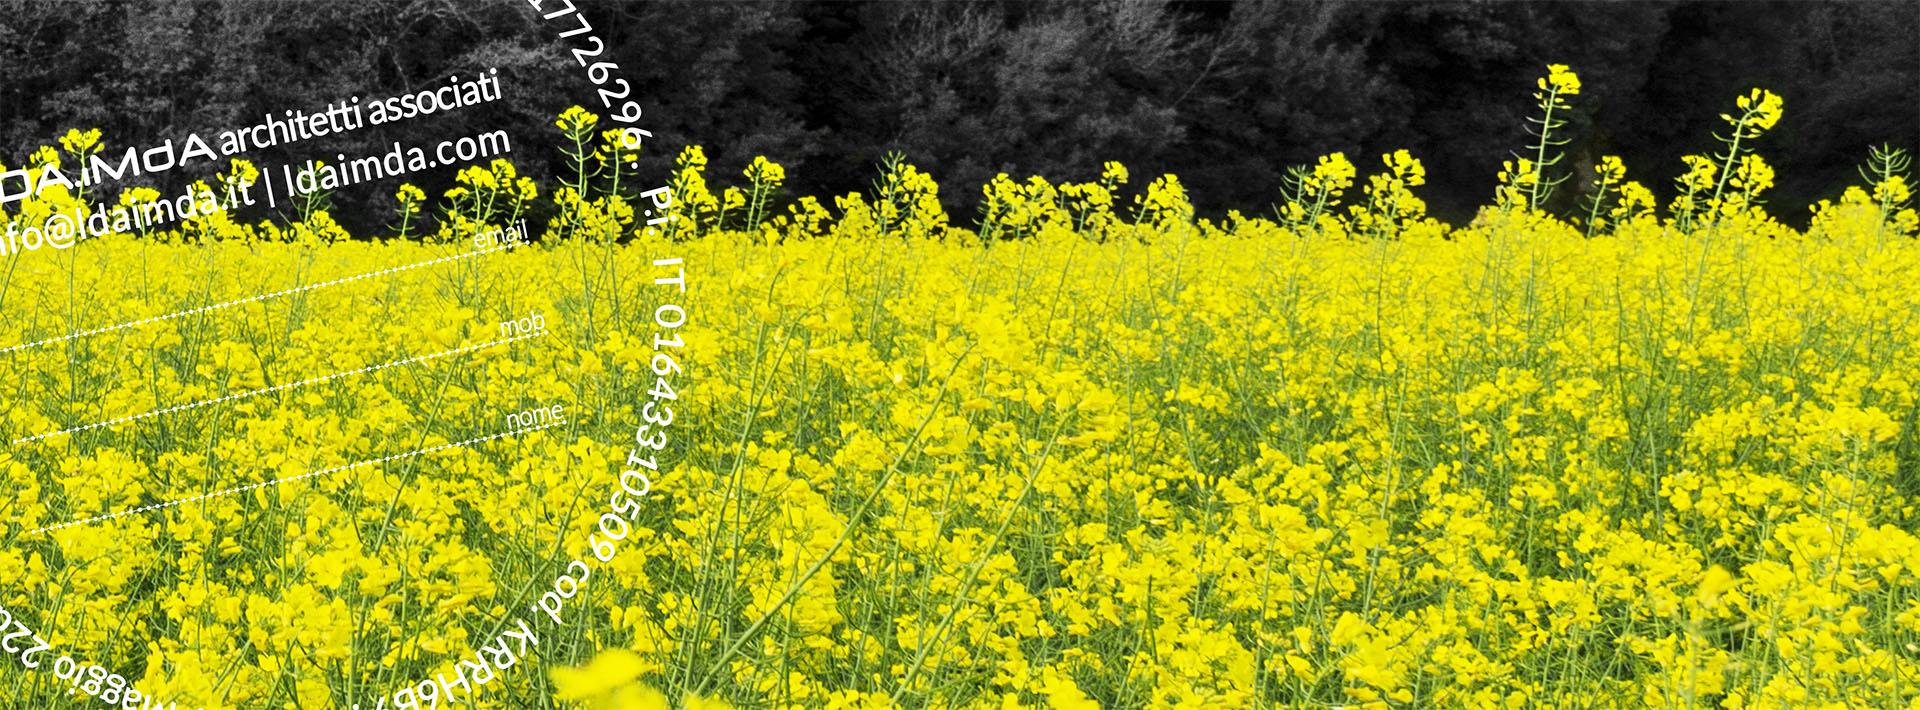 fotografia di un campo di colza fiorita a San Miniato